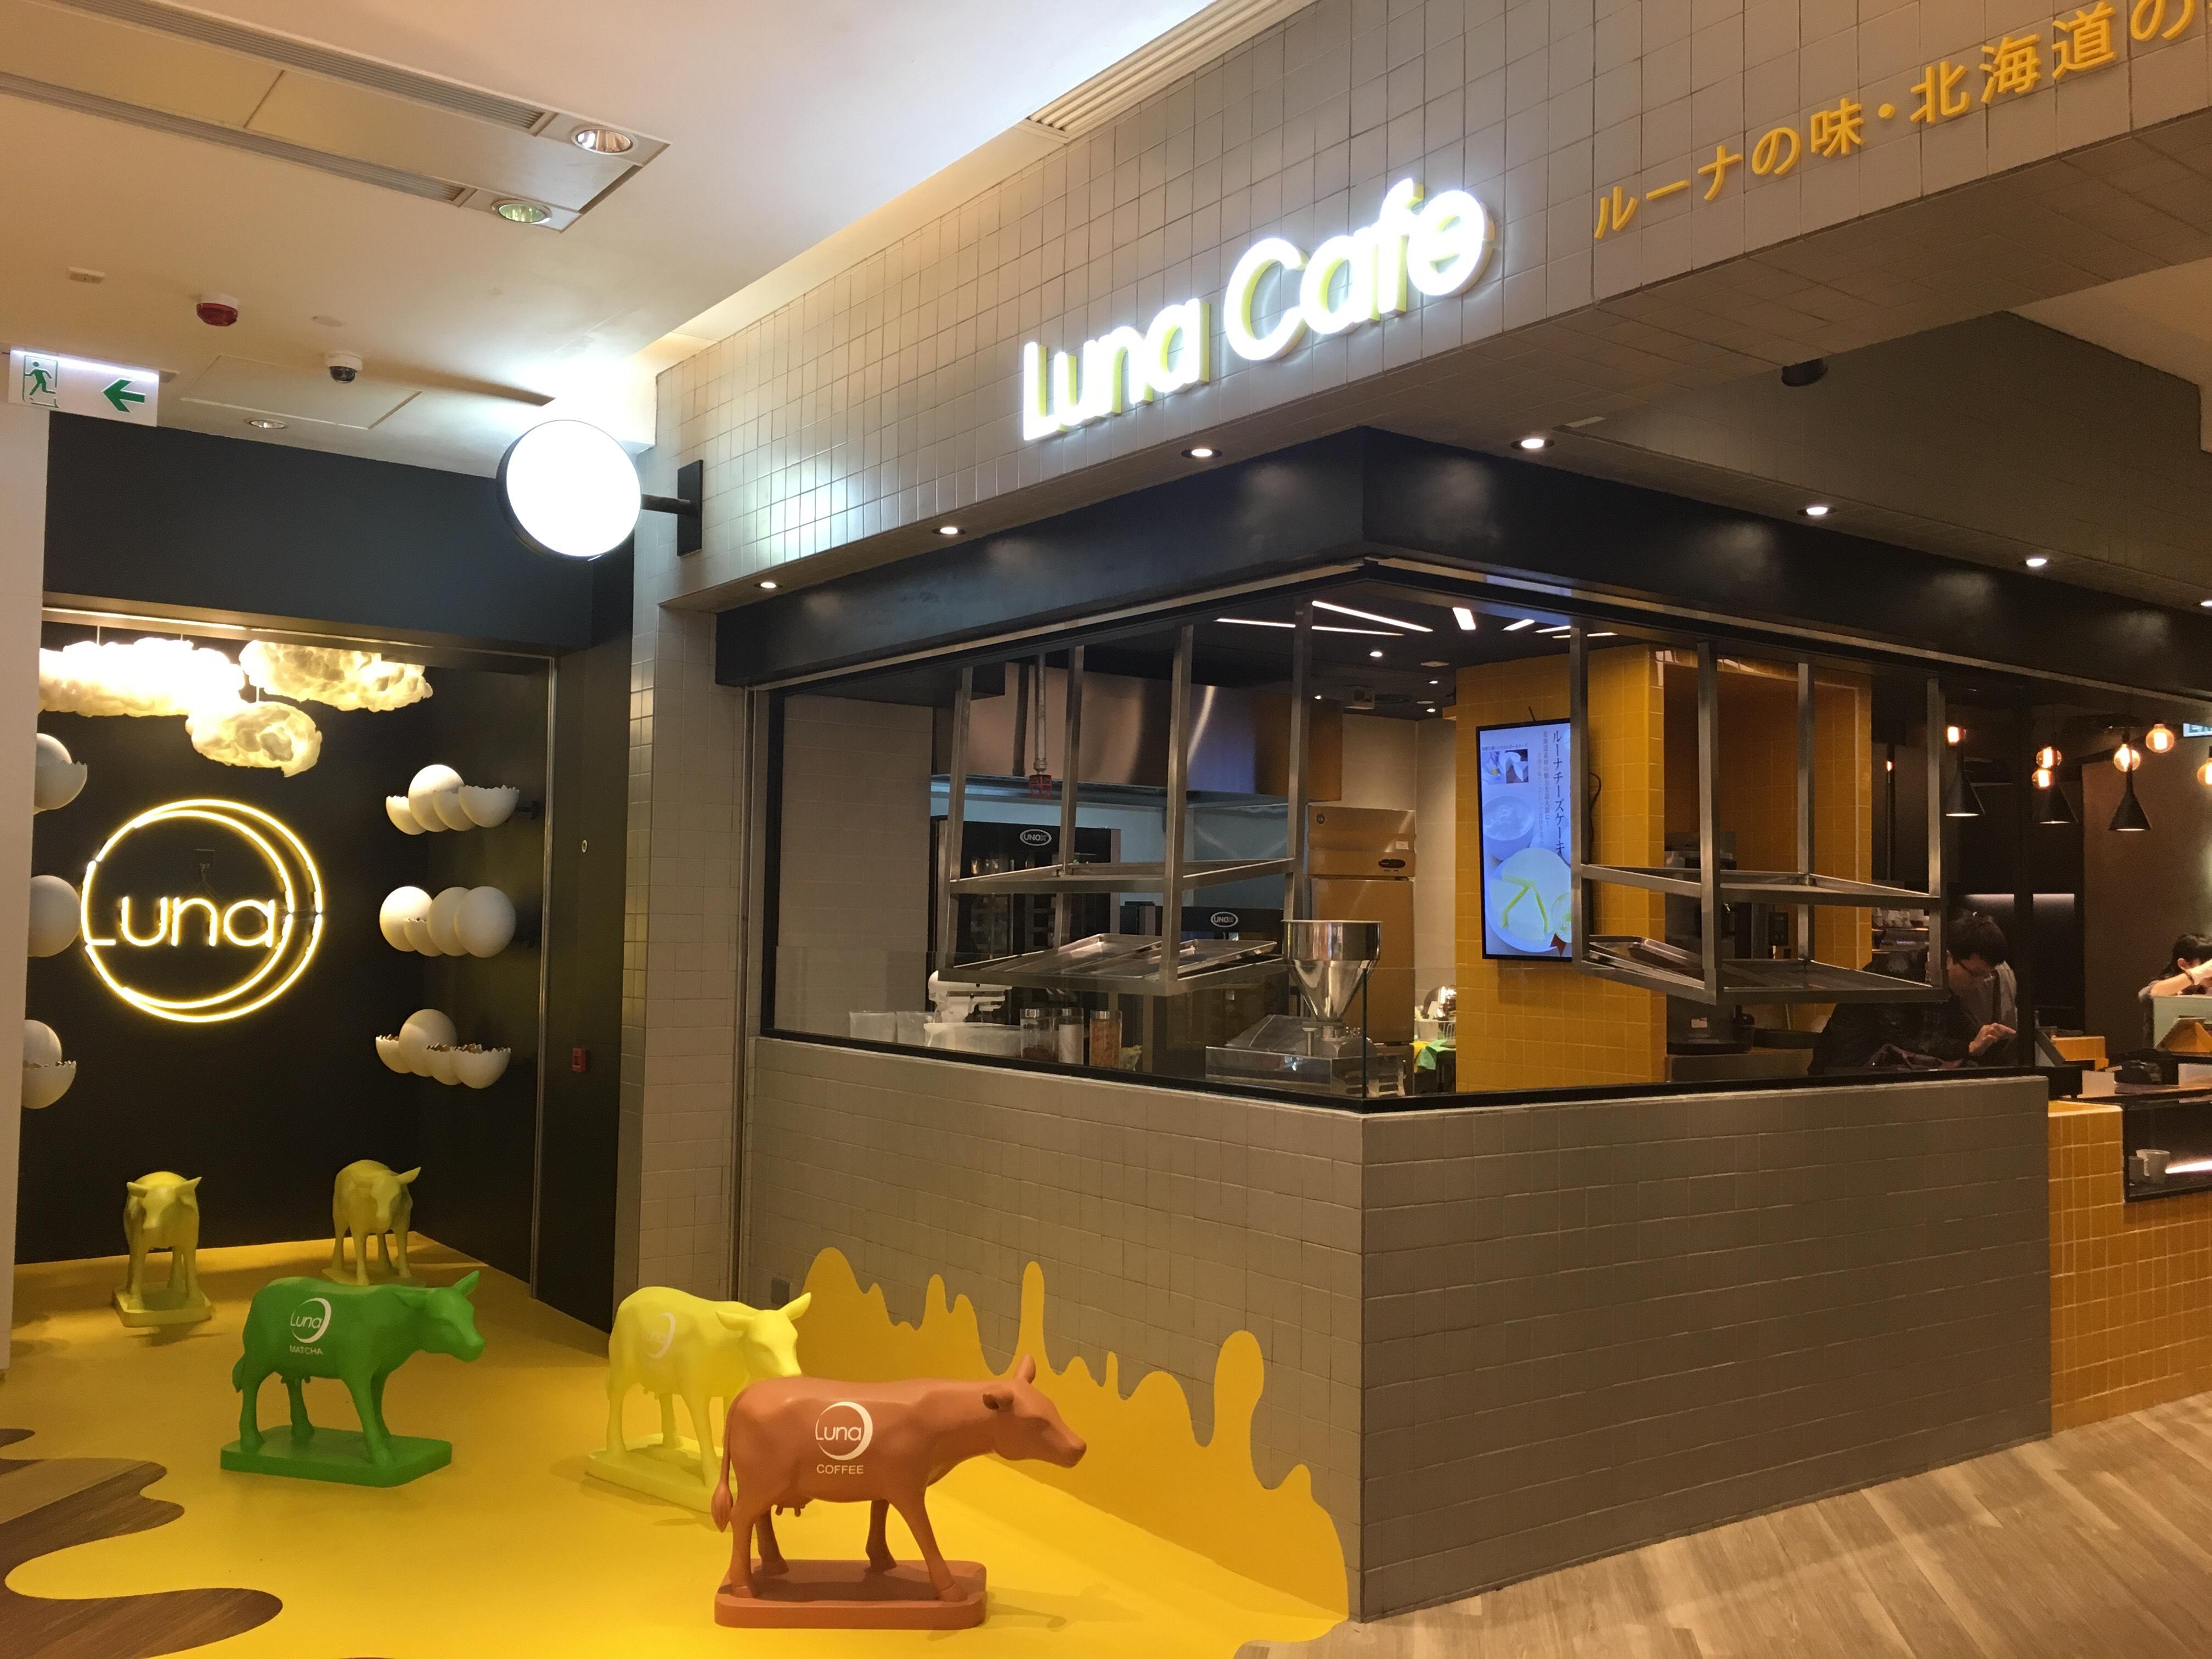 k11-luna-cafe04.jpg